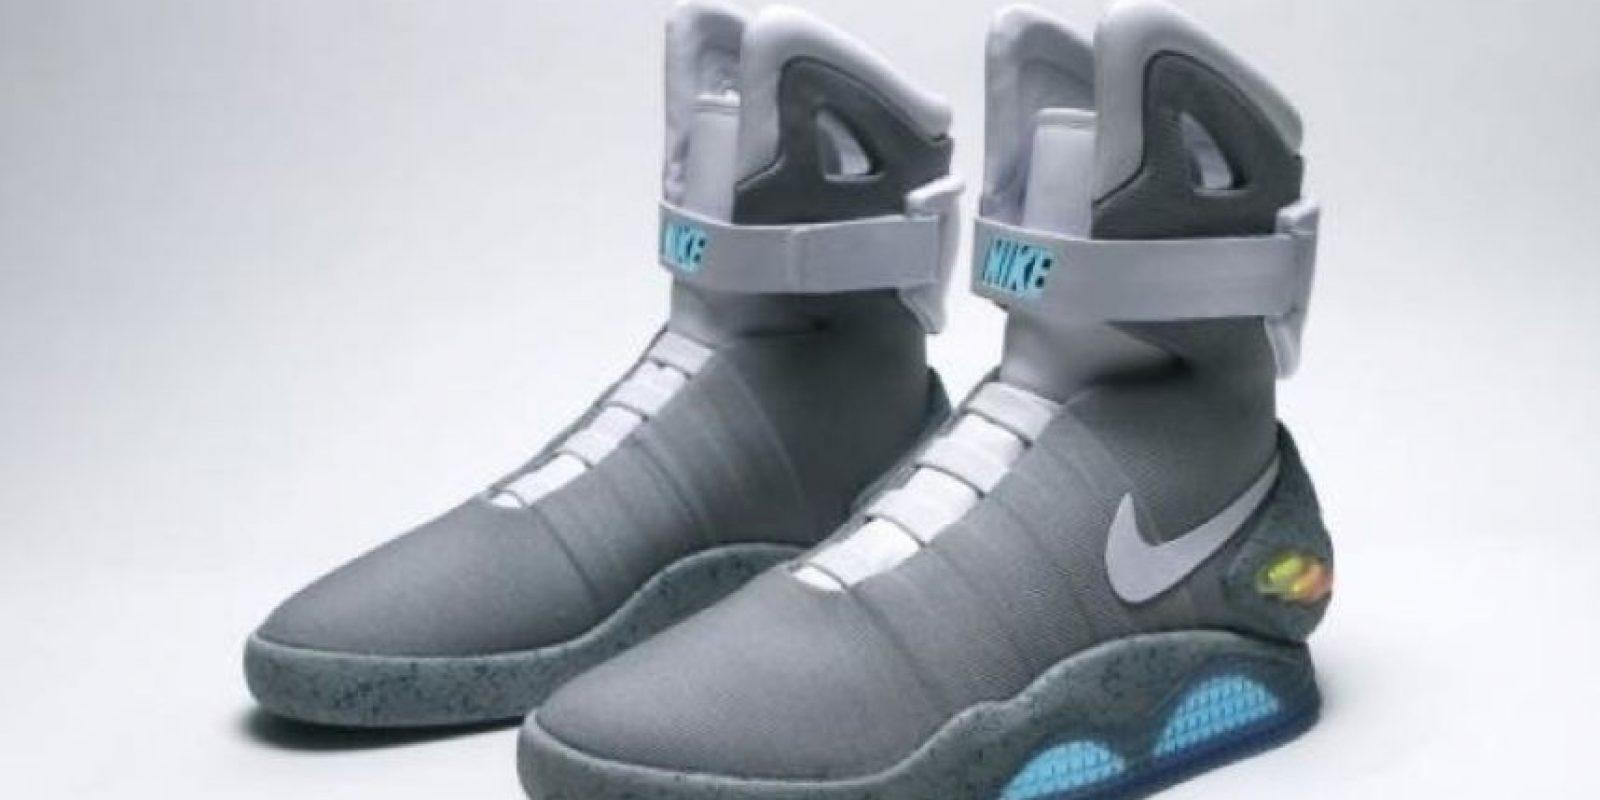 """Según informes de varios medios, los zapatos deportivos se llamarán """"Nike Air MAG"""" Foto:Vía Twitter"""